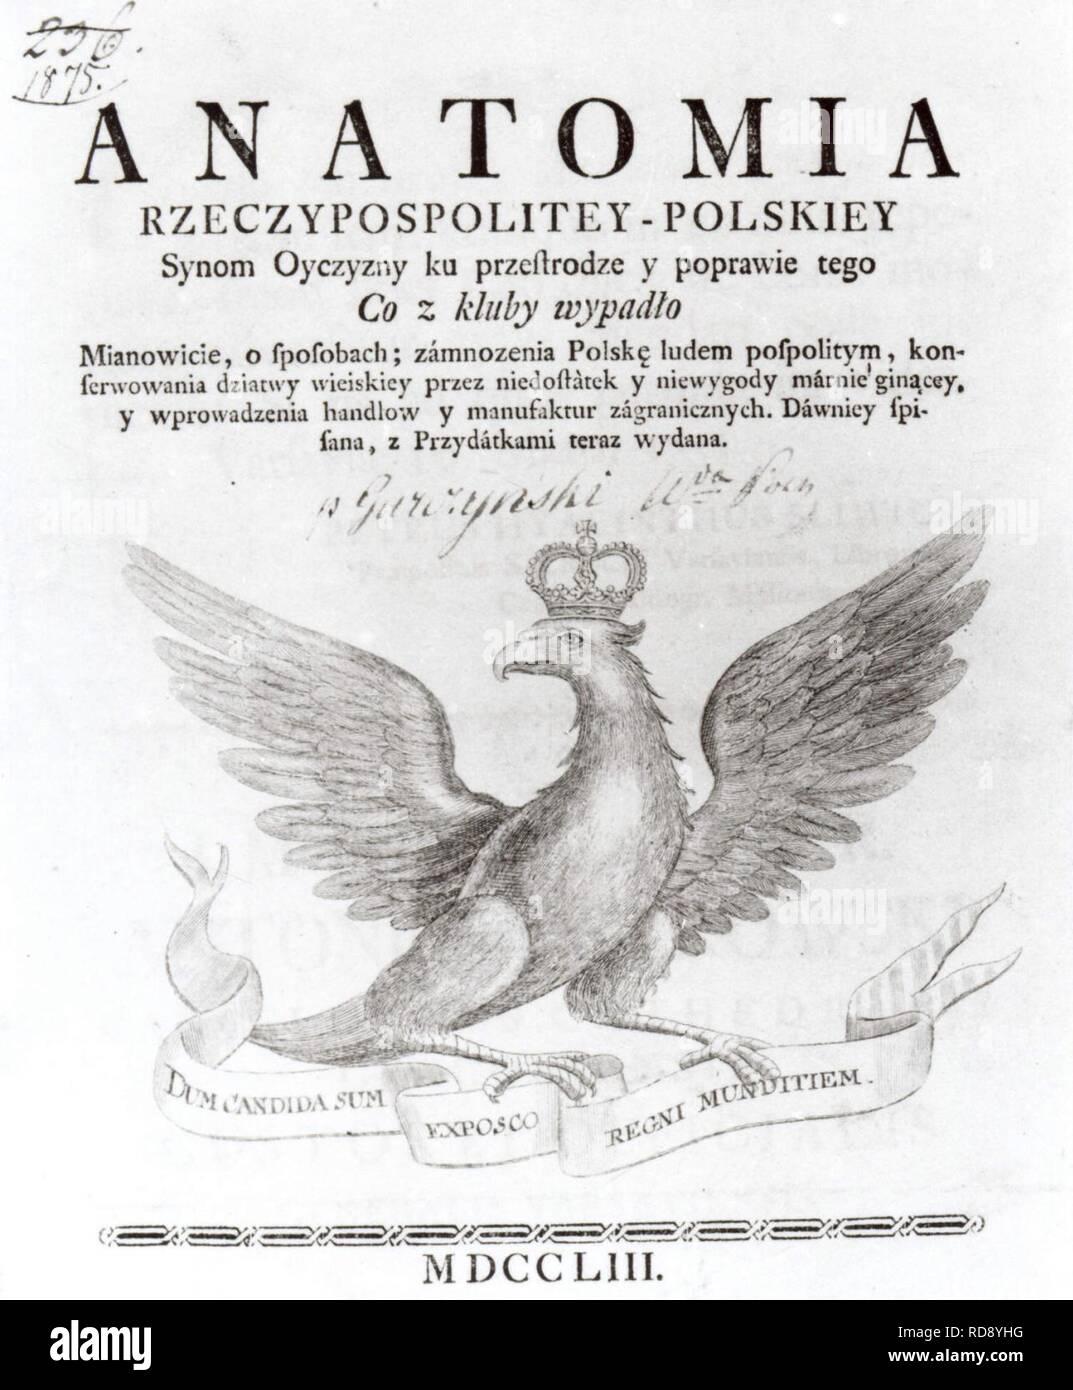 Anatomia Rzeczypospolitey Polskiej. Immagini Stock